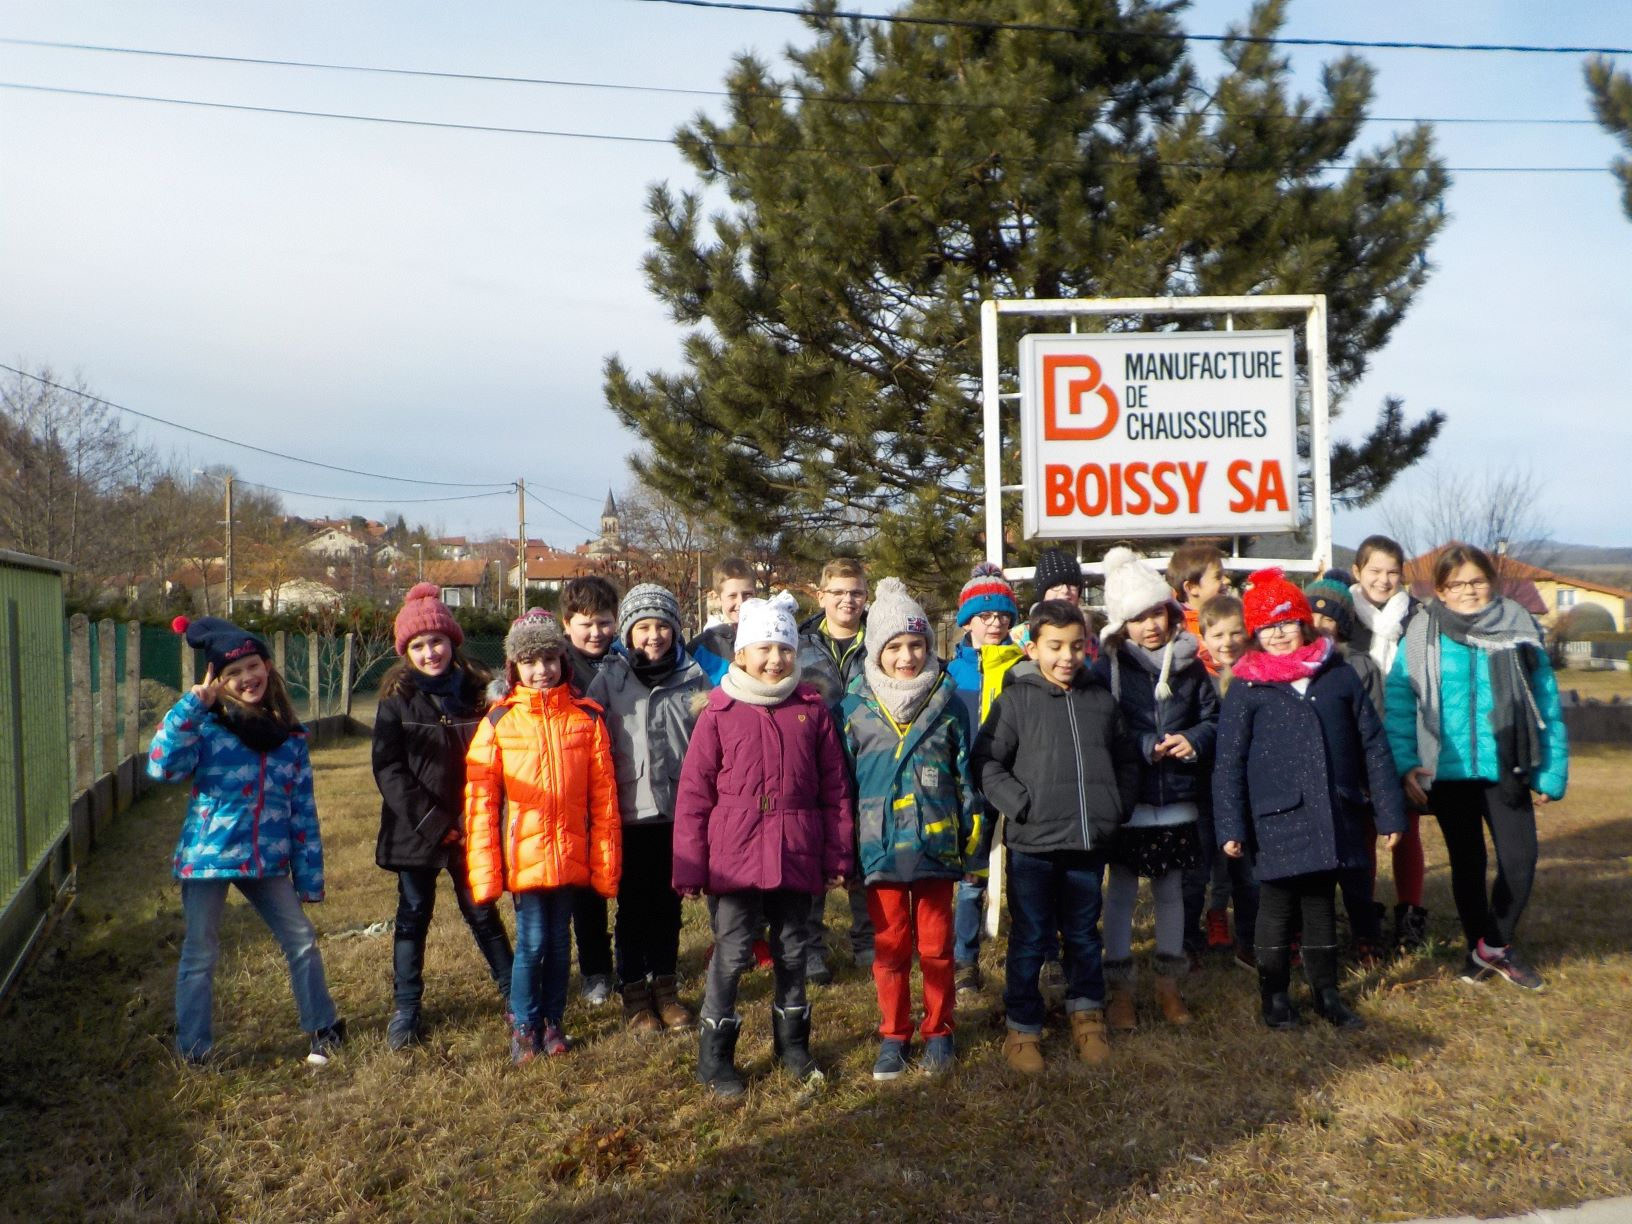 Ecole publique Lantriac Visite Entreprise Boissy